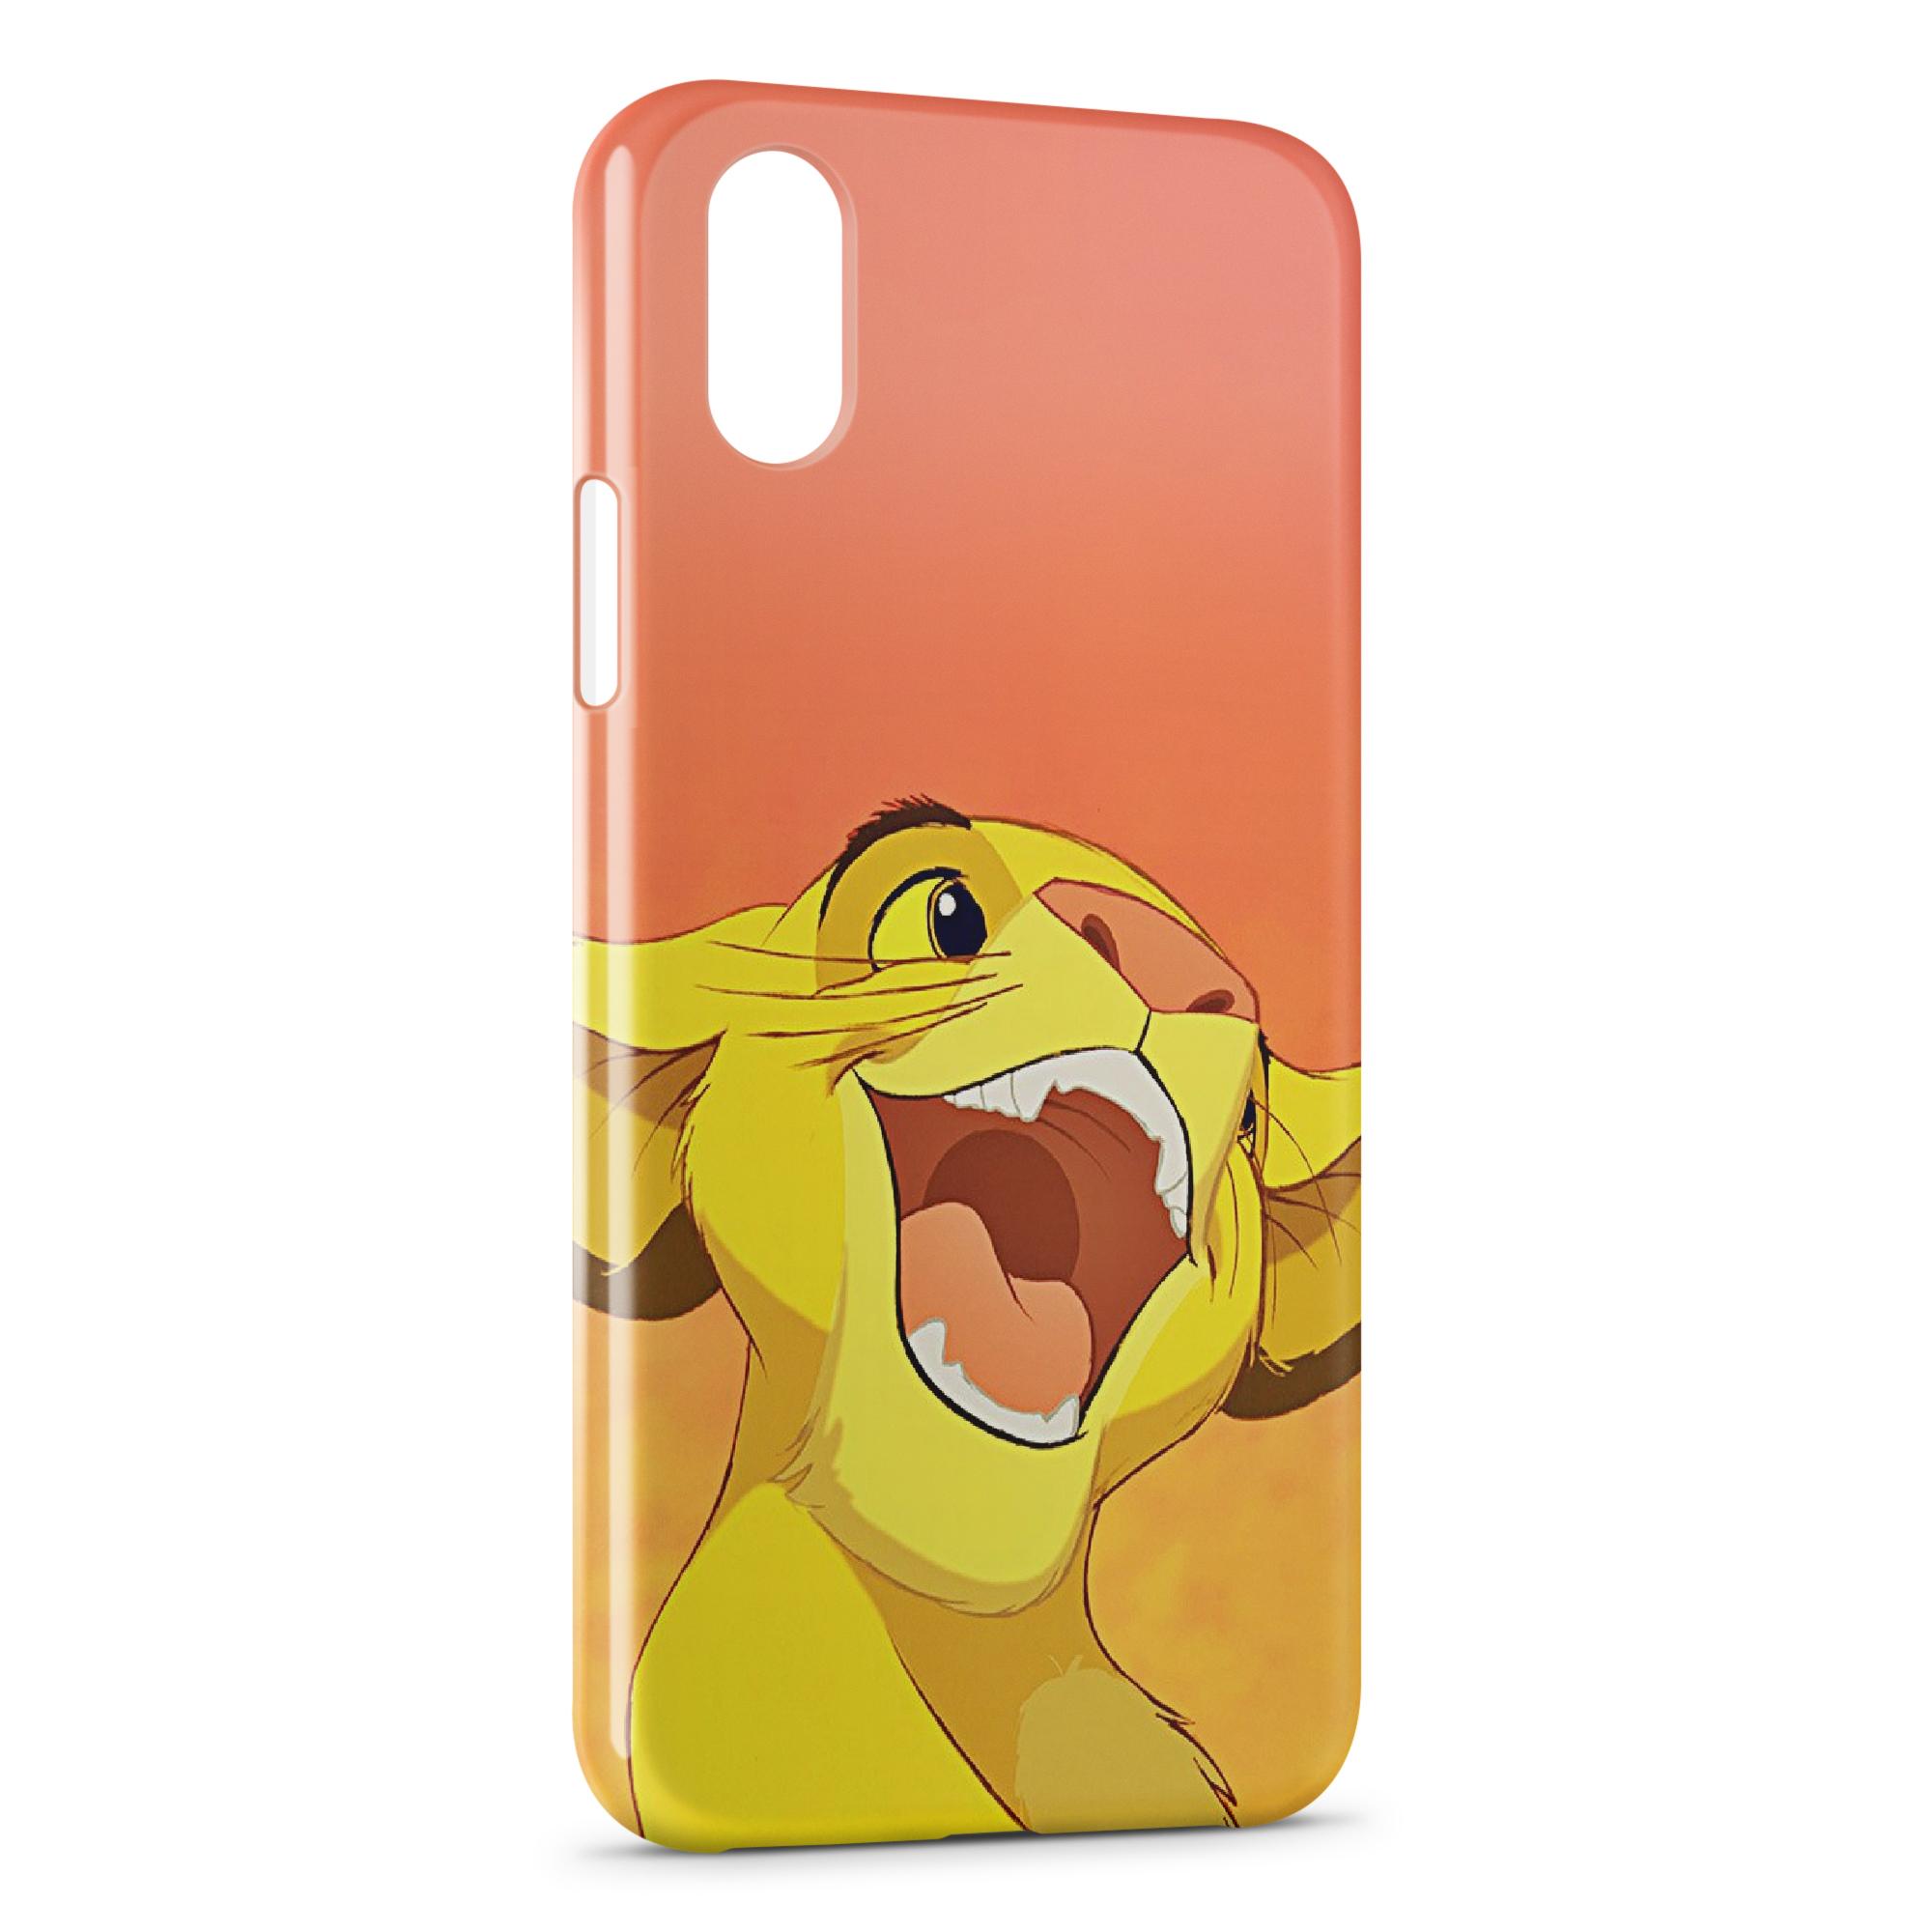 coque iphone xr roi lion transparente